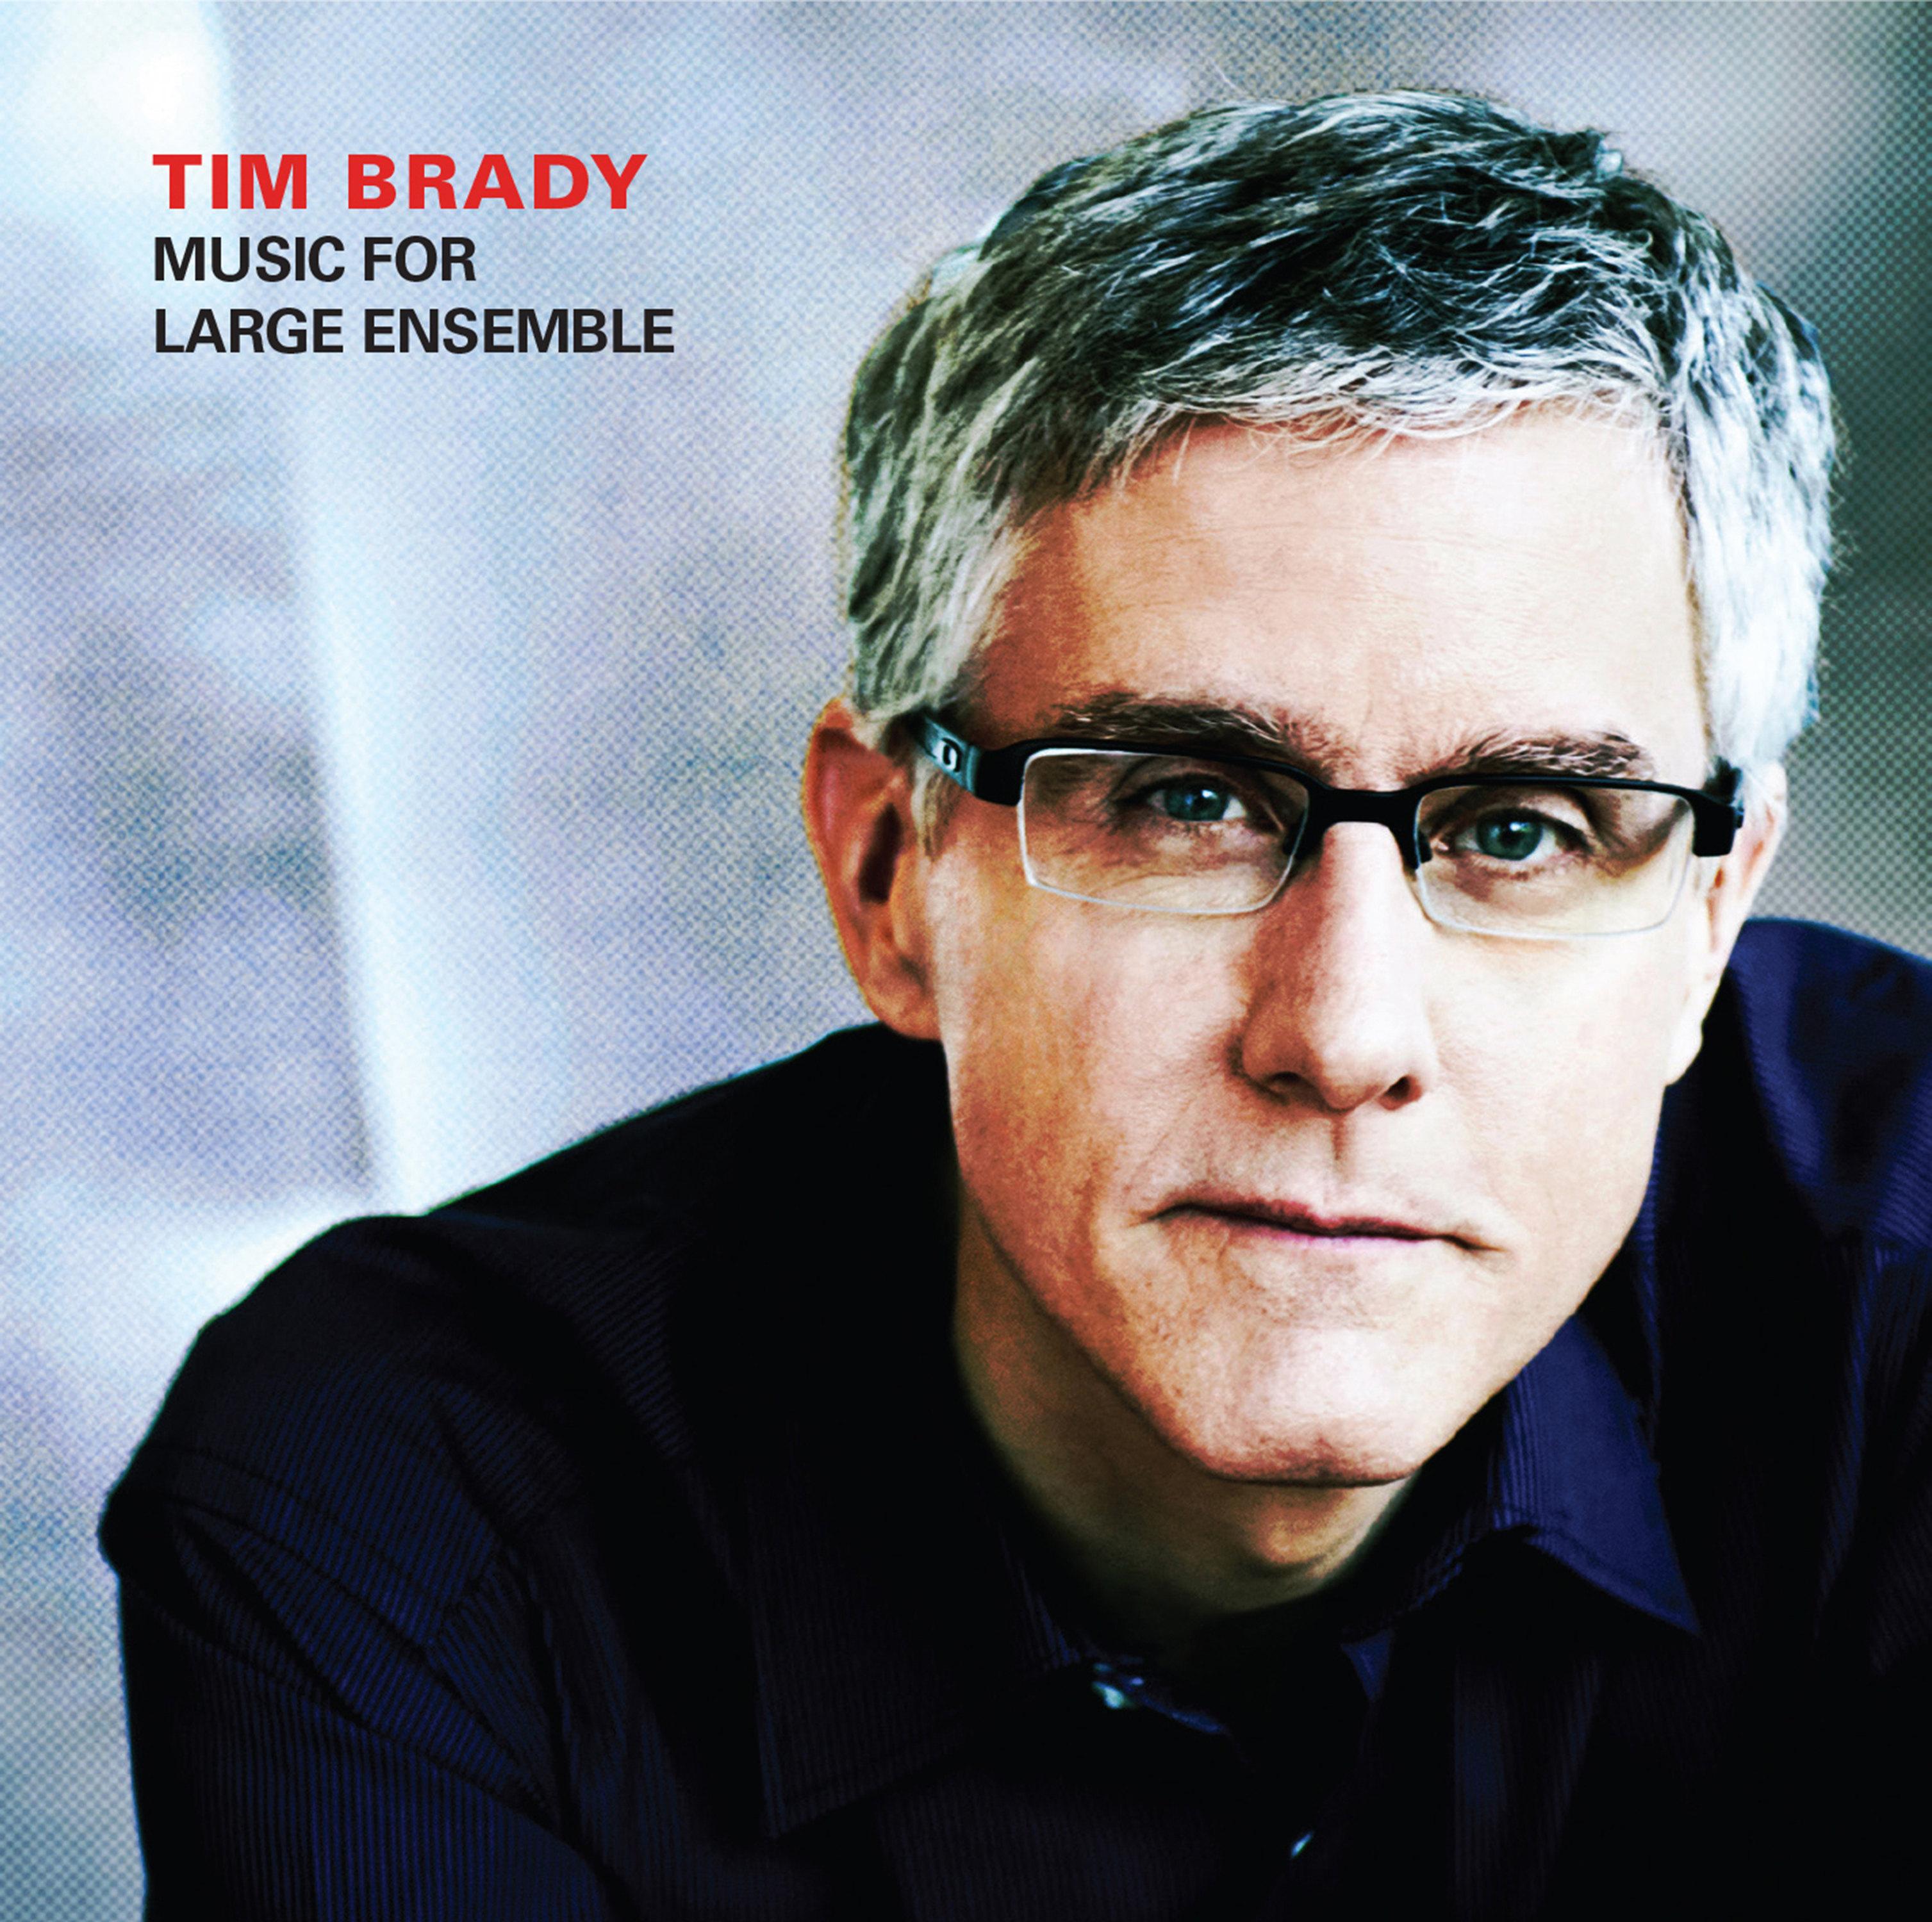 Tim Brady: Music for Large Ensemble